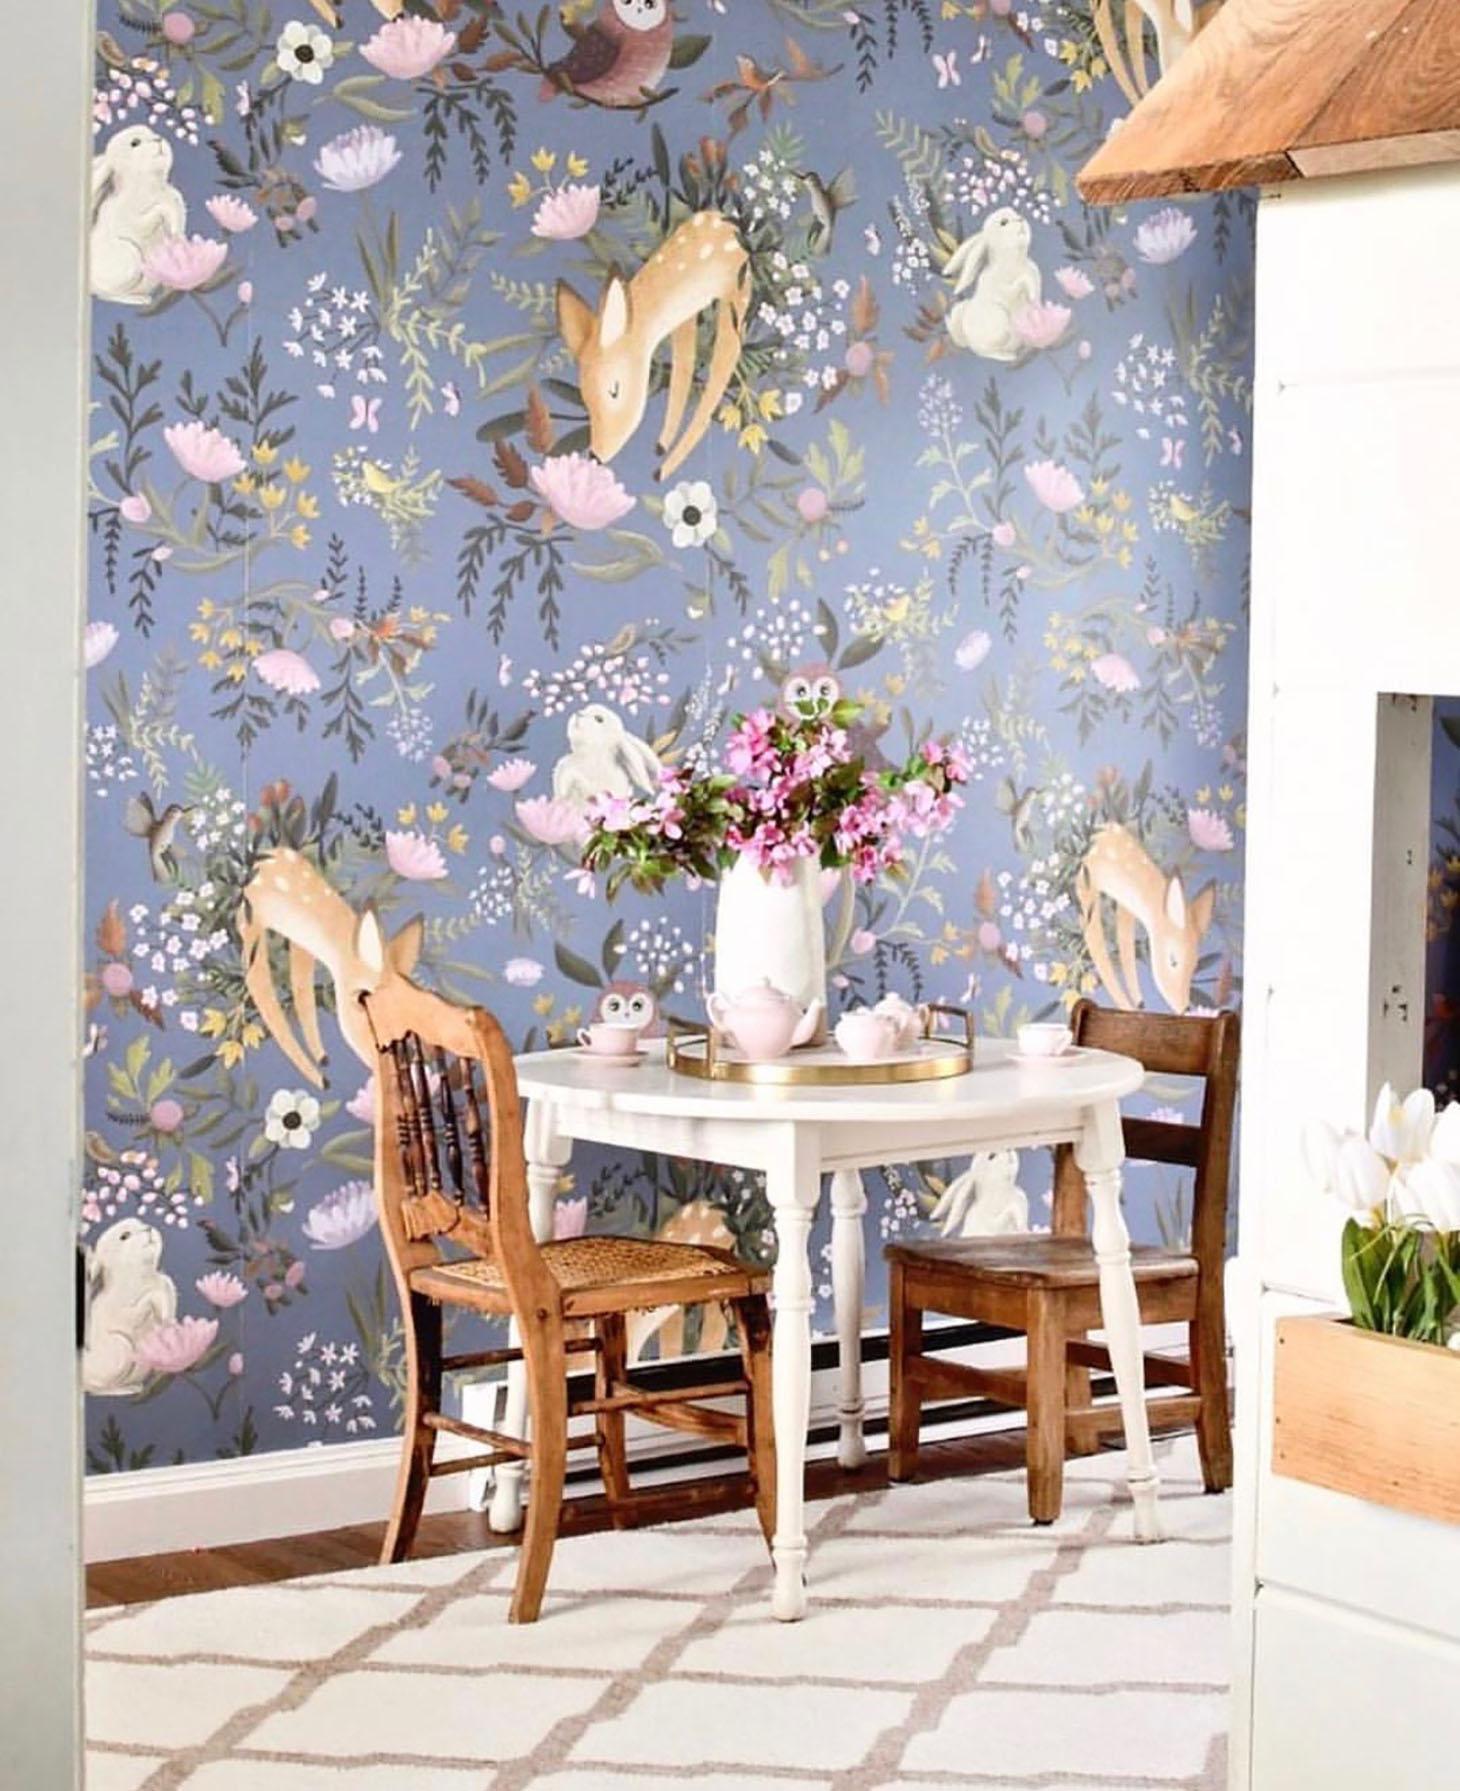 Jillian Harris Our Baby Girls Dreamy Nursery Design Inspo